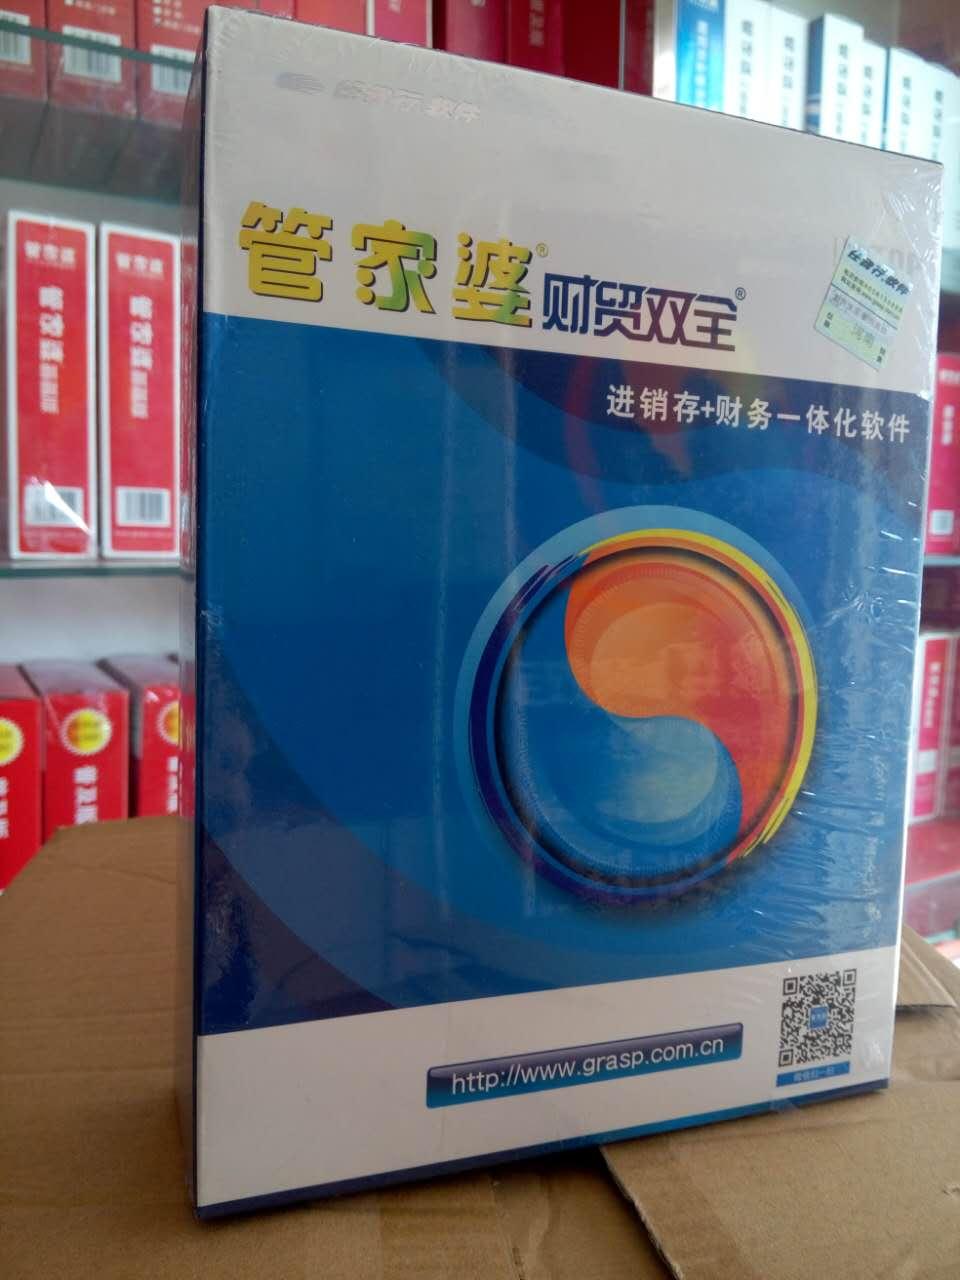 有保障的管家婆中小企业管理软件财贸系列软件推荐-宁陵河南商丘